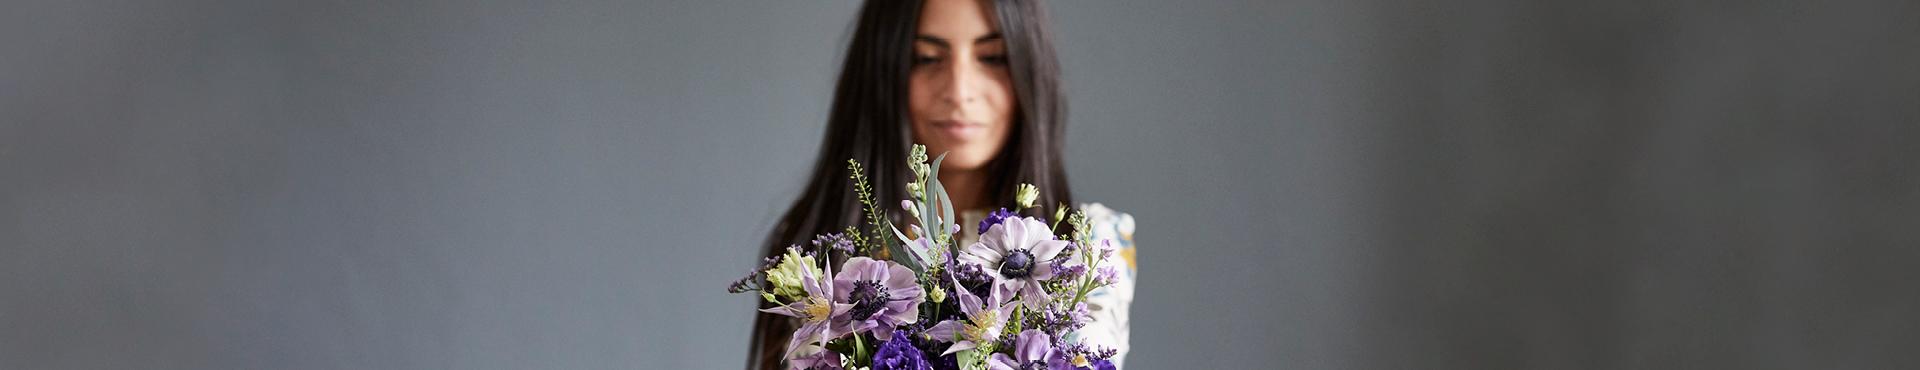 Blomster til hende